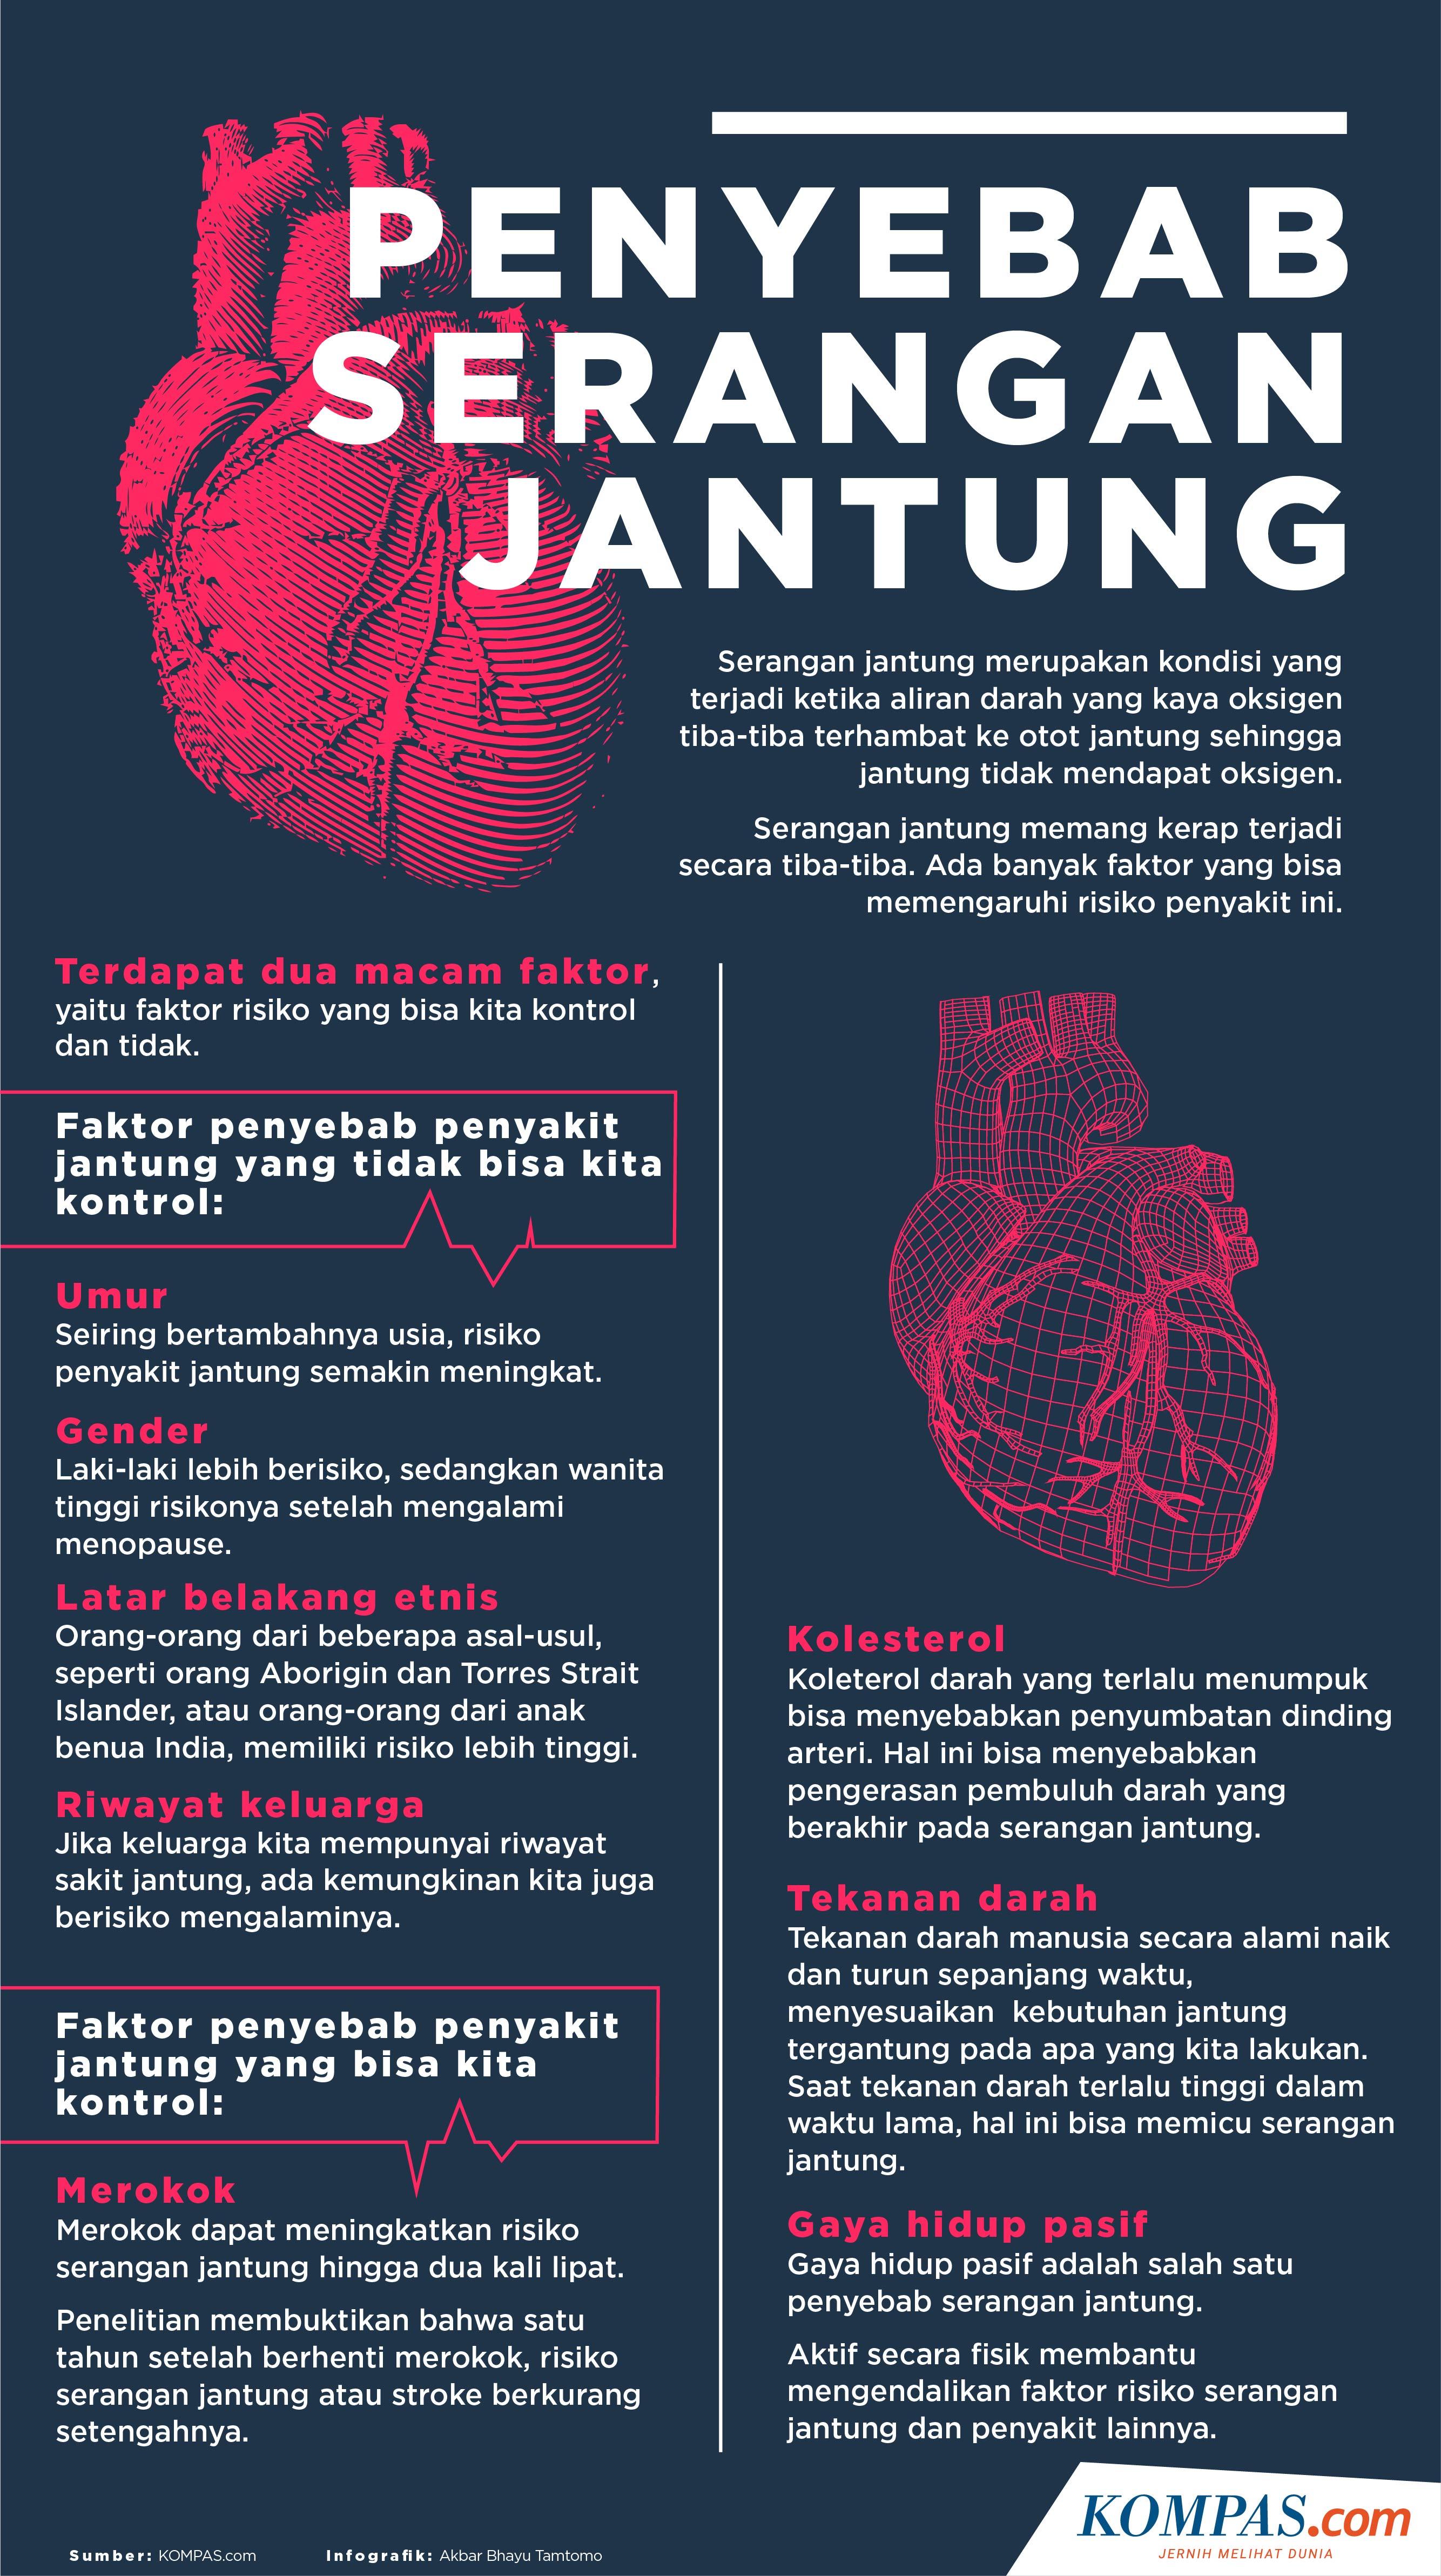 Infografik Penyebab Serangan Jantung